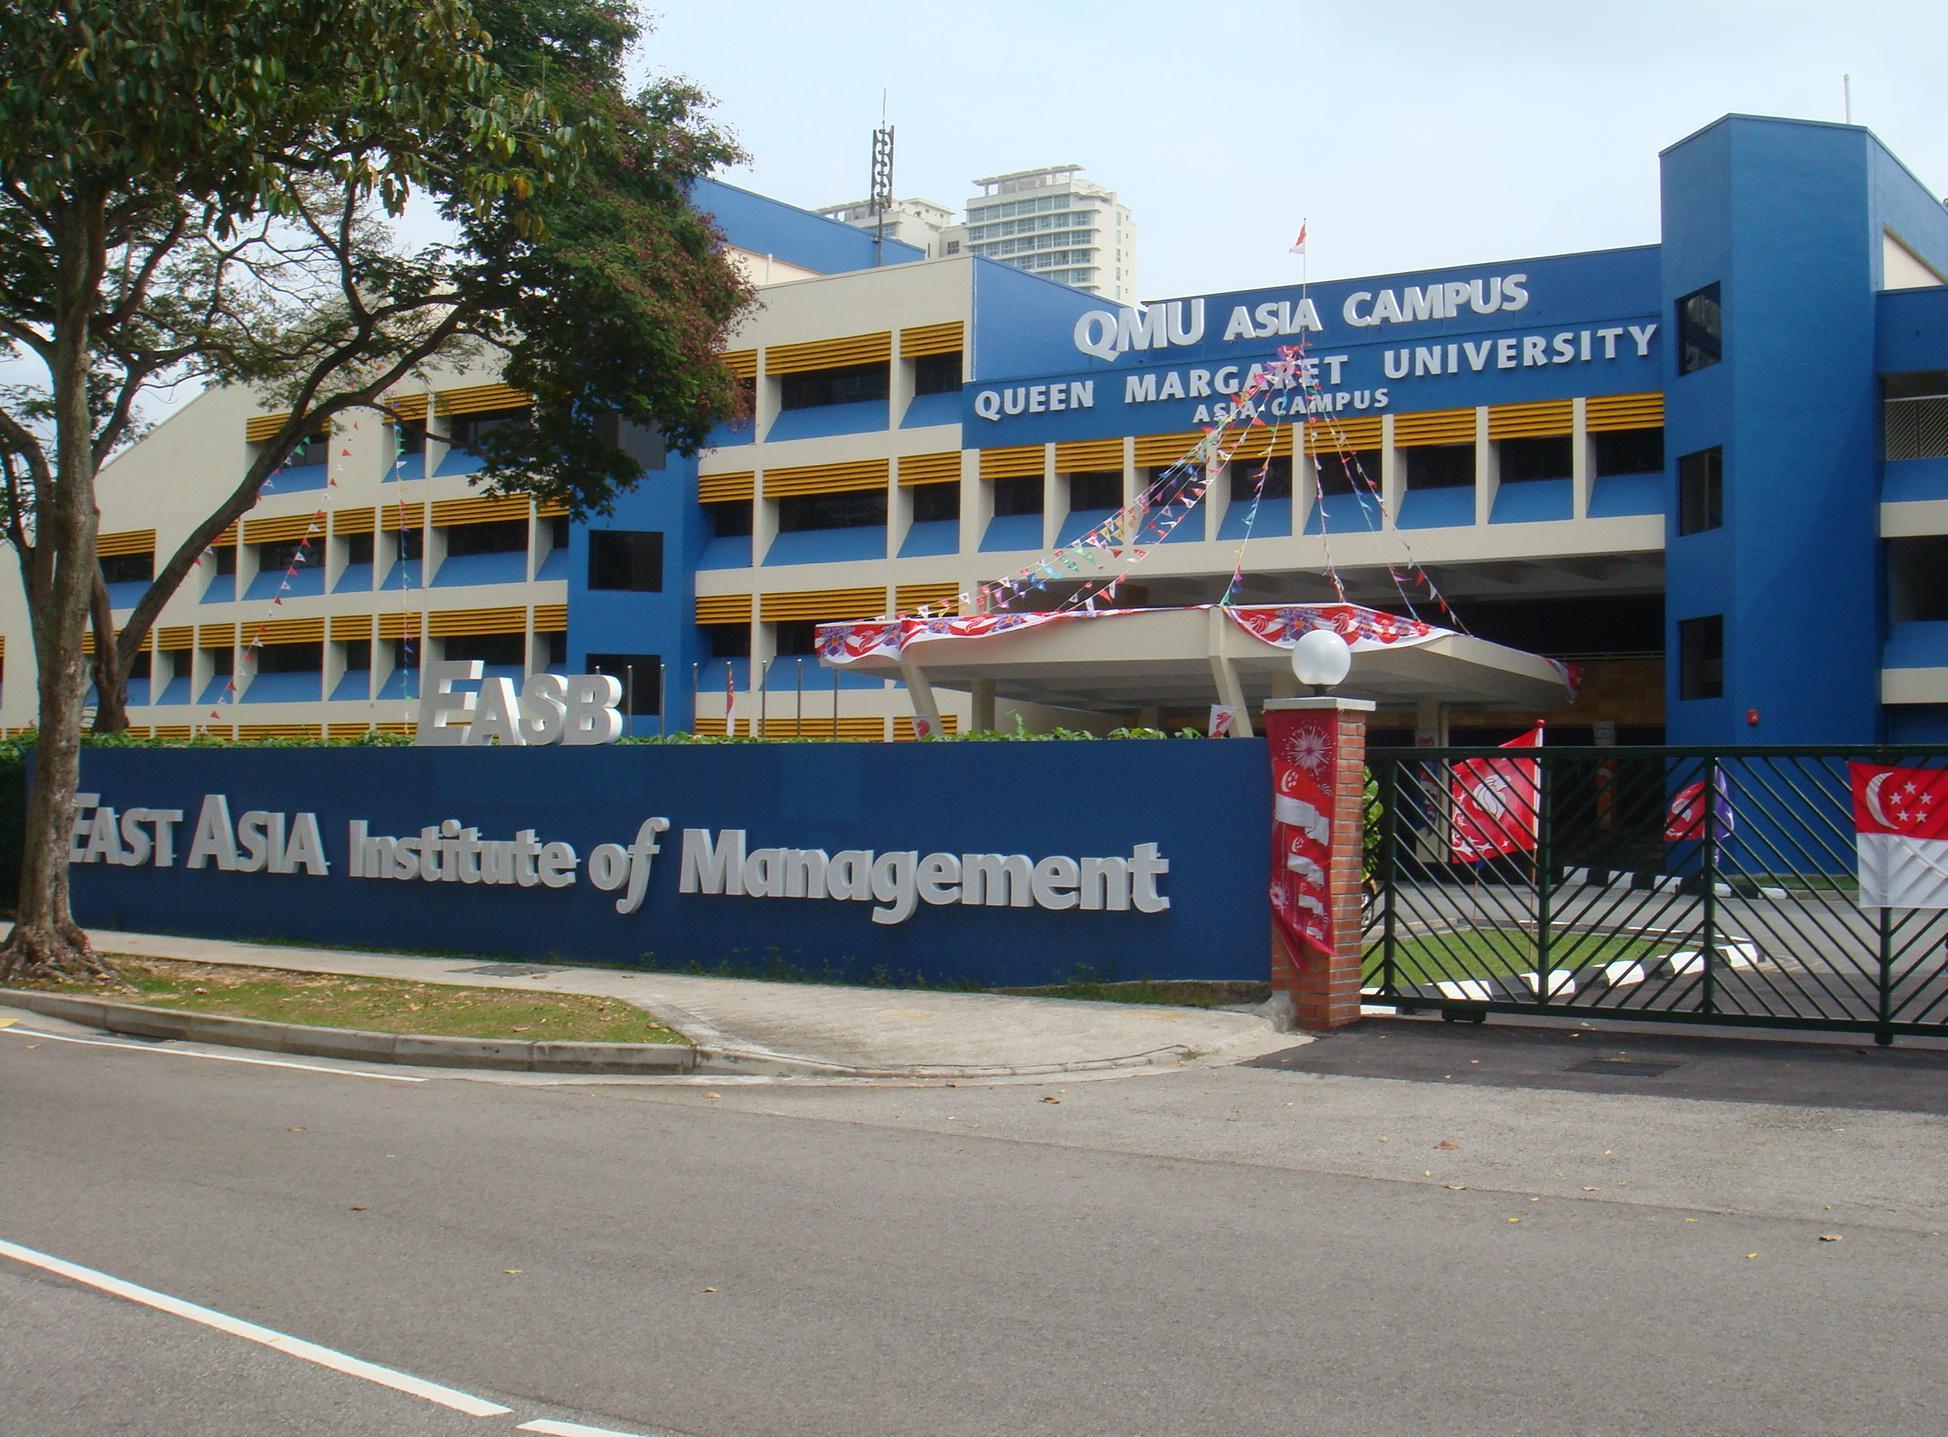 2019年在新加坡东亚管理学院就读是什么体验?